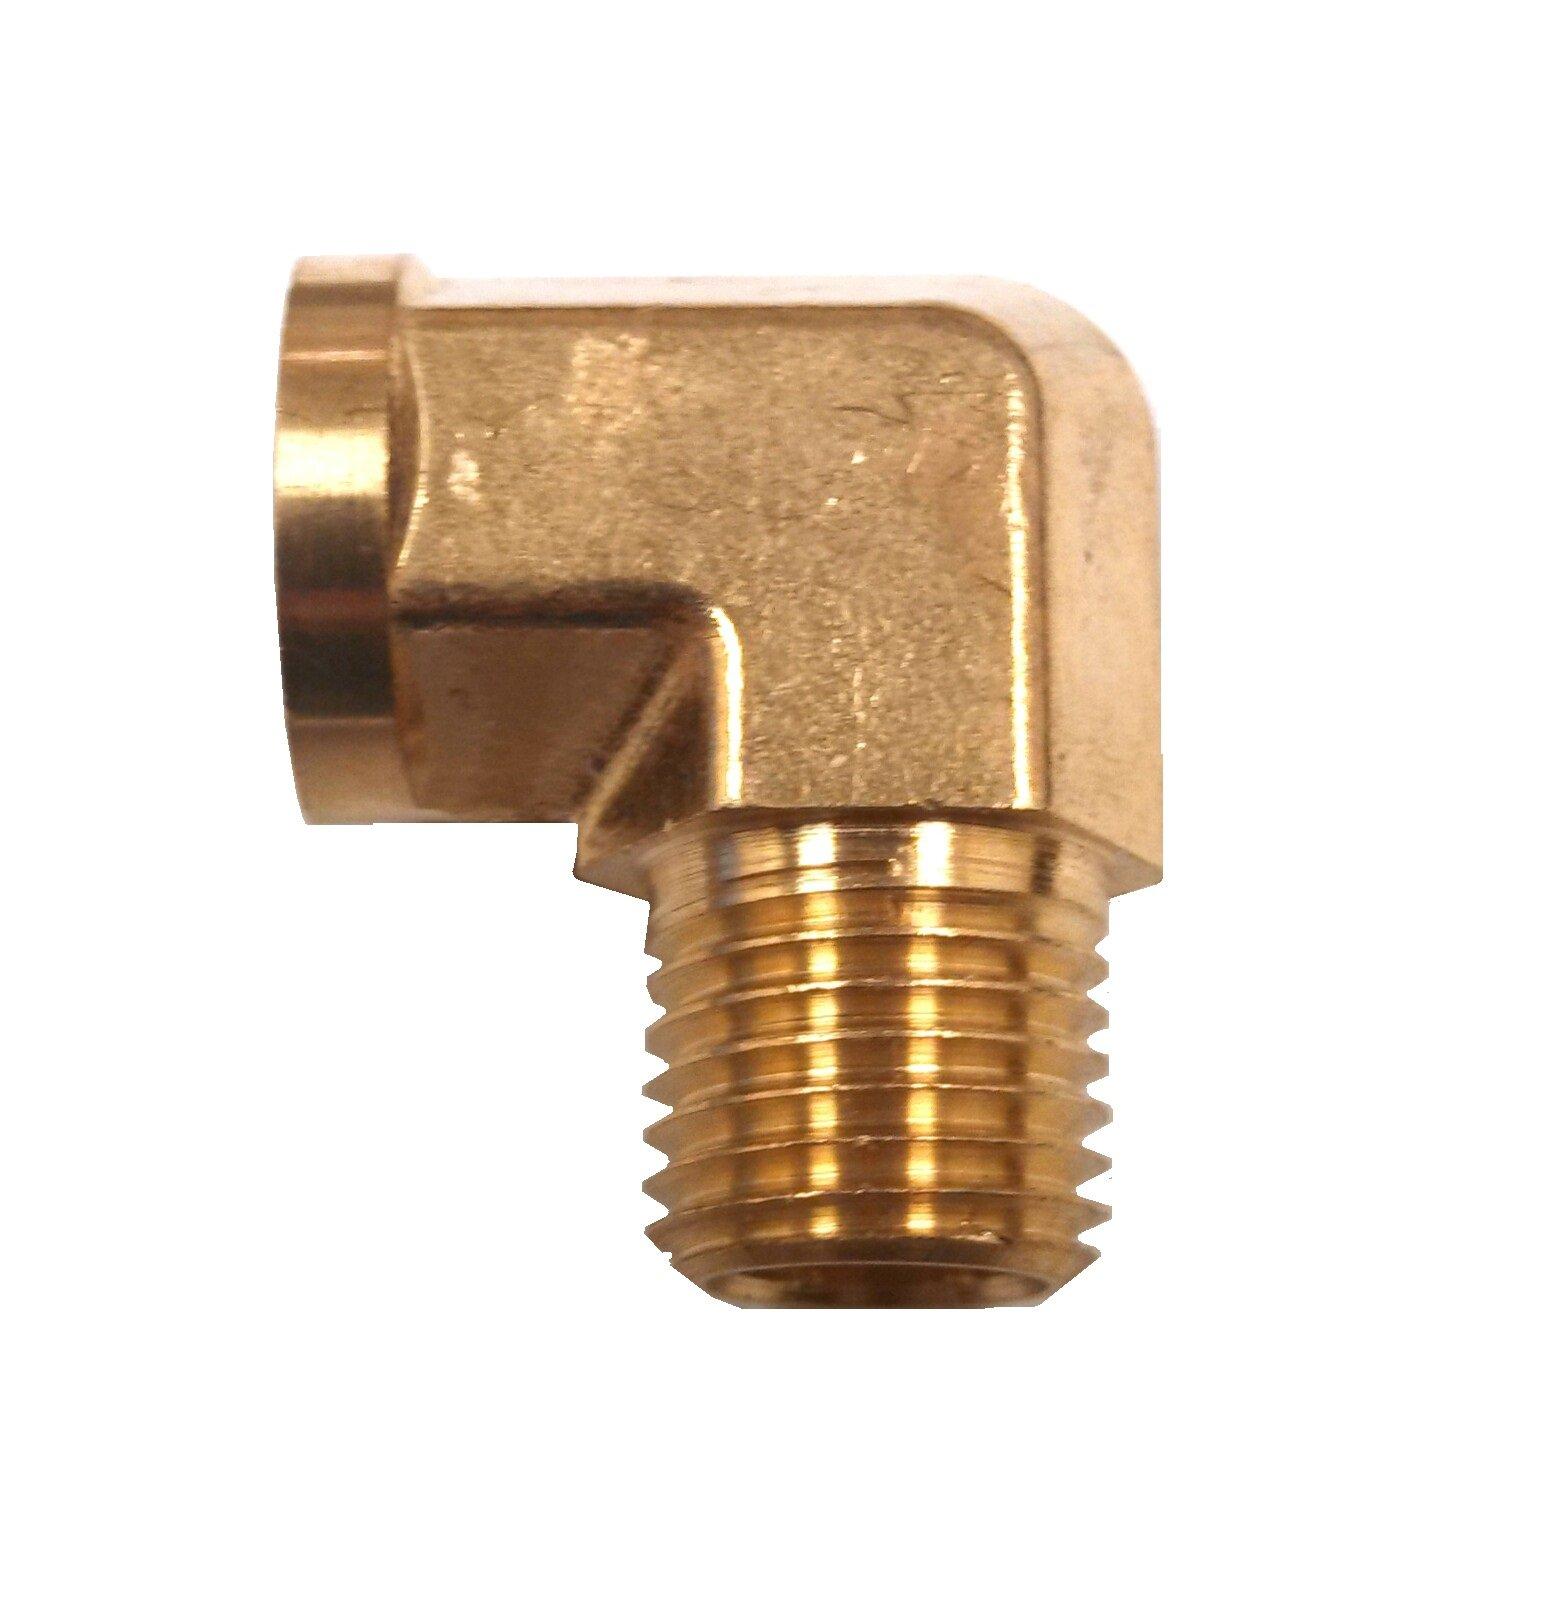 Kleinn Automotive Air Horns 59014 Brass Elbow Adapter